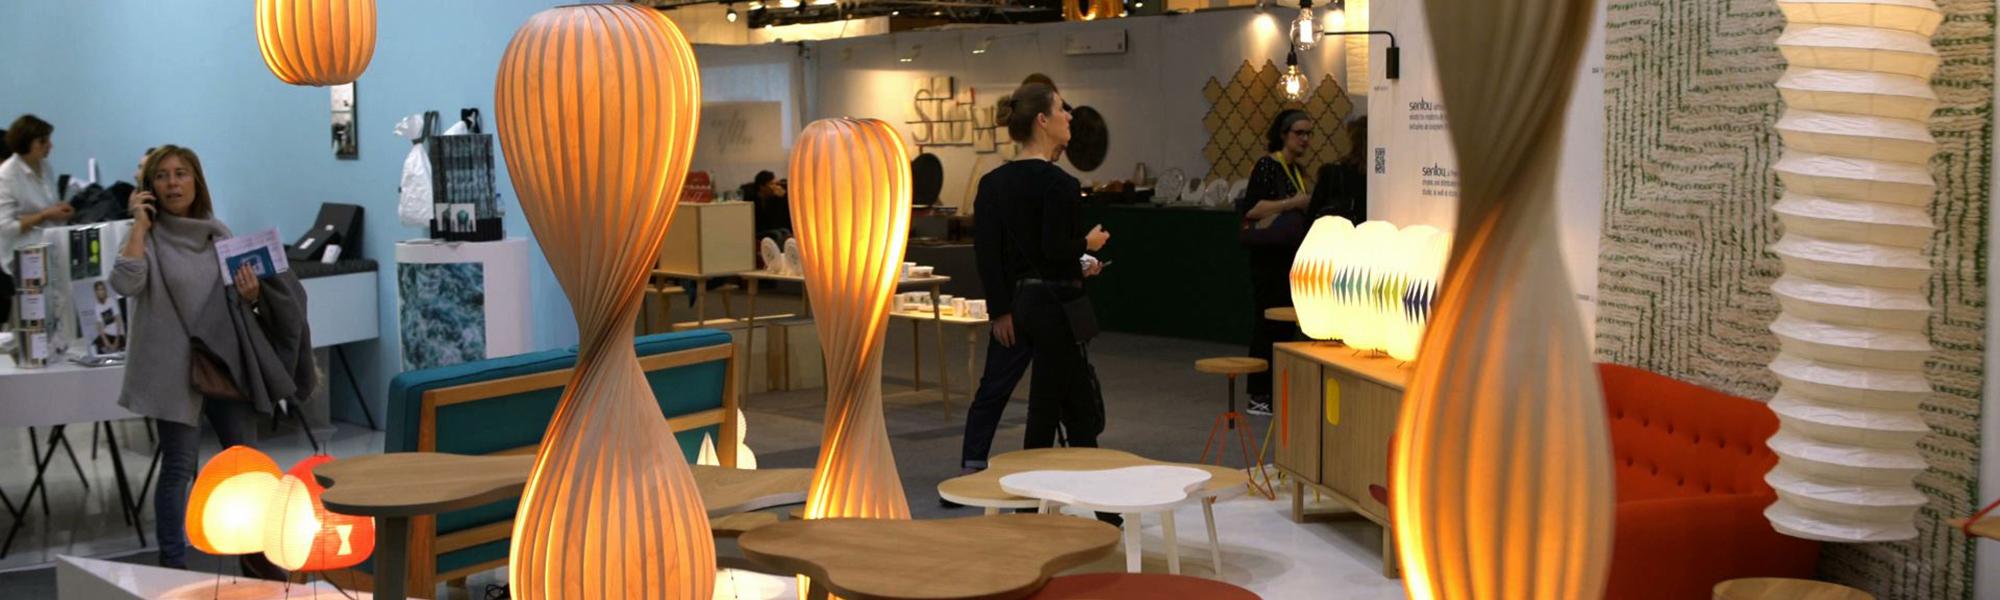 A Tour at the Design Fair 4